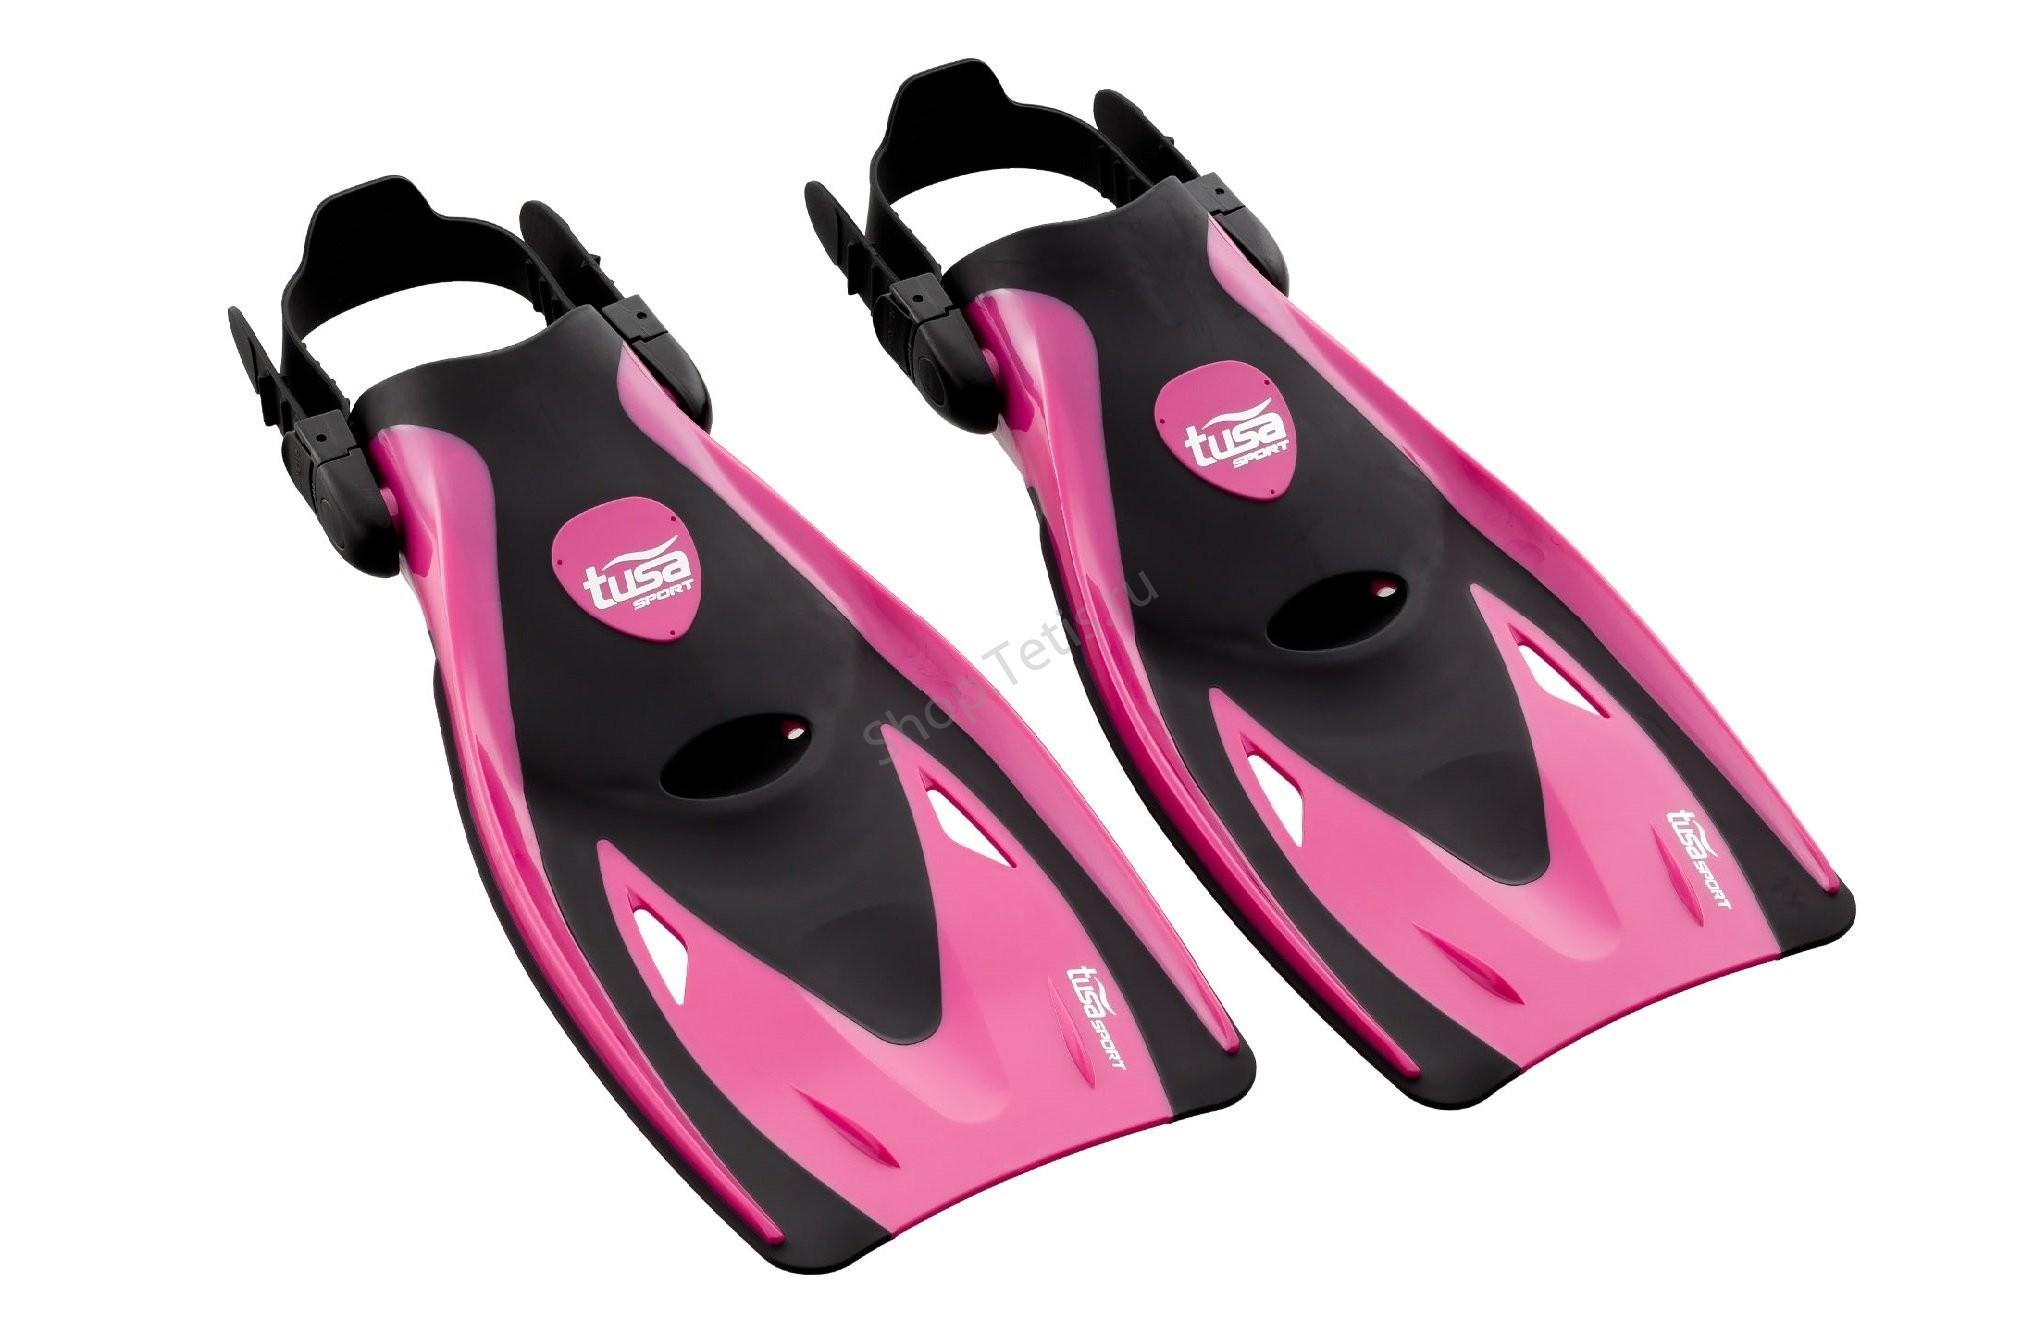 Ласты короткие регулируемые для плавания Tusa Sport Black Series